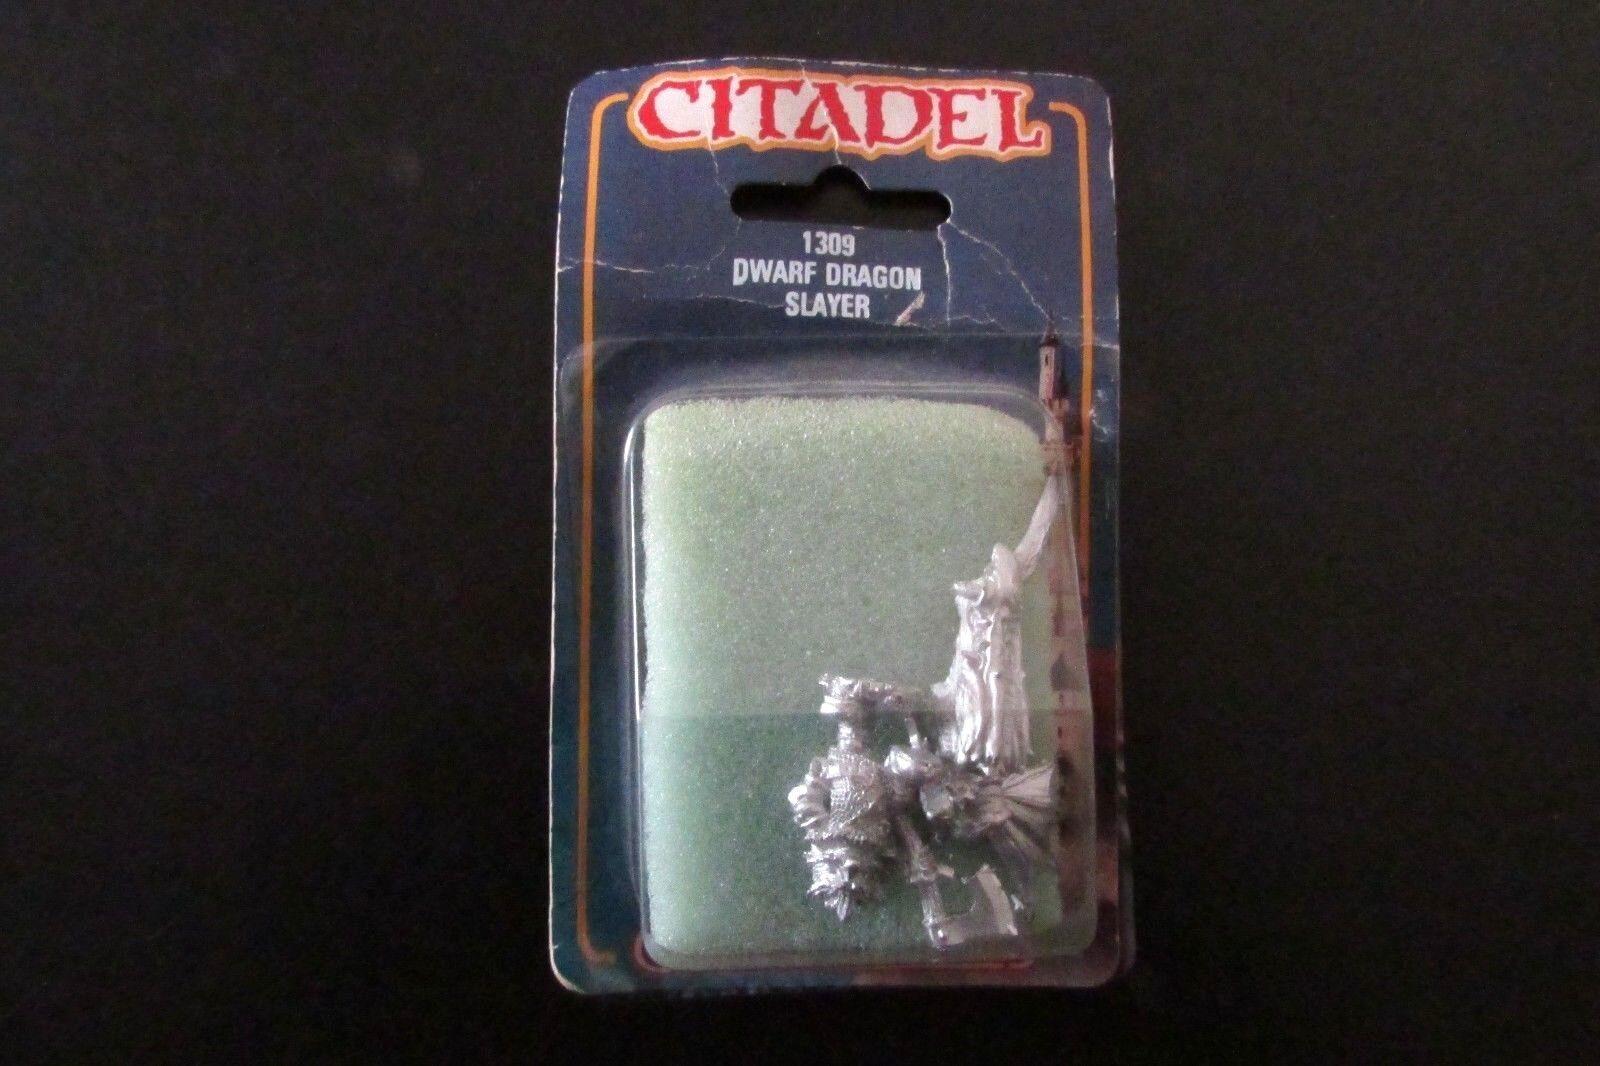 Épuisé Citadel Warhammer realm of chaos DS9 Dwarf Dragon Slayer Entièrement neuf dans sa boîte